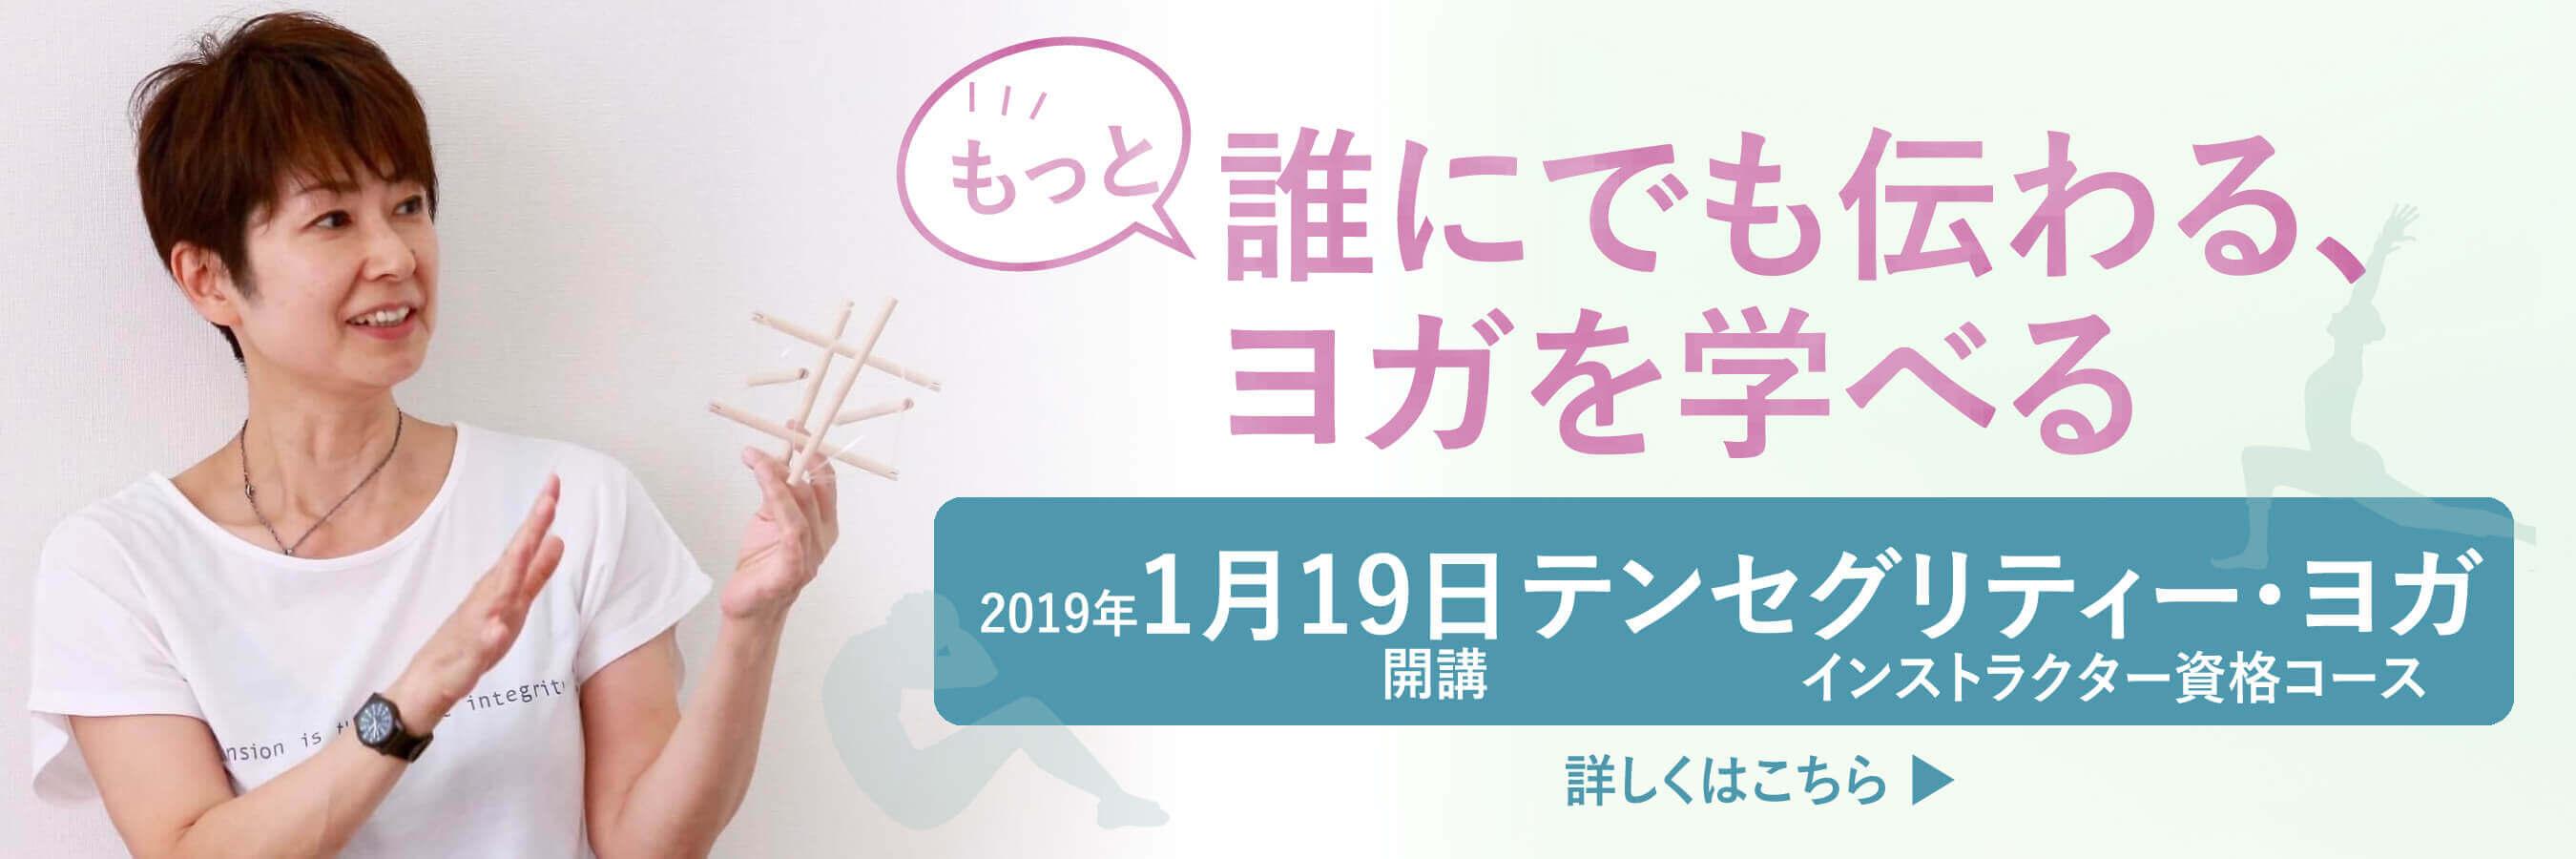 テンセグリティーヨガインストラクターコース2019年1月開講!